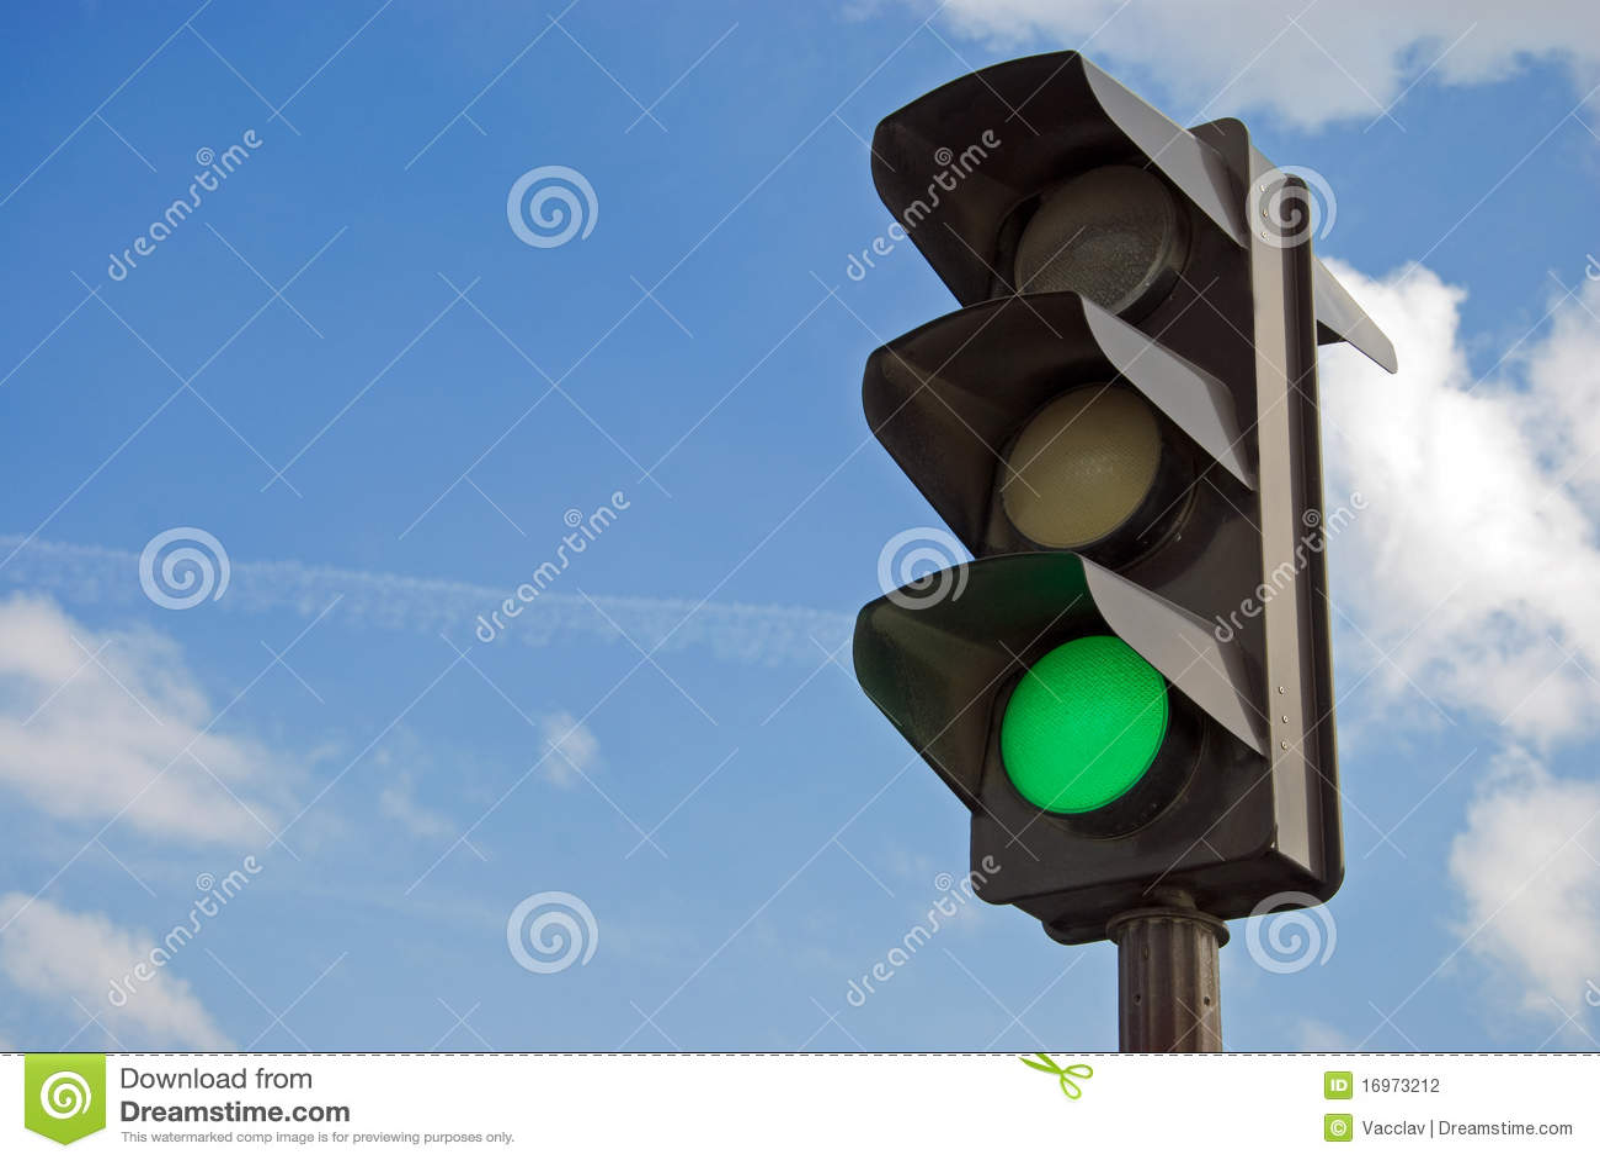 Koloru zielonego światła ruch drogowy